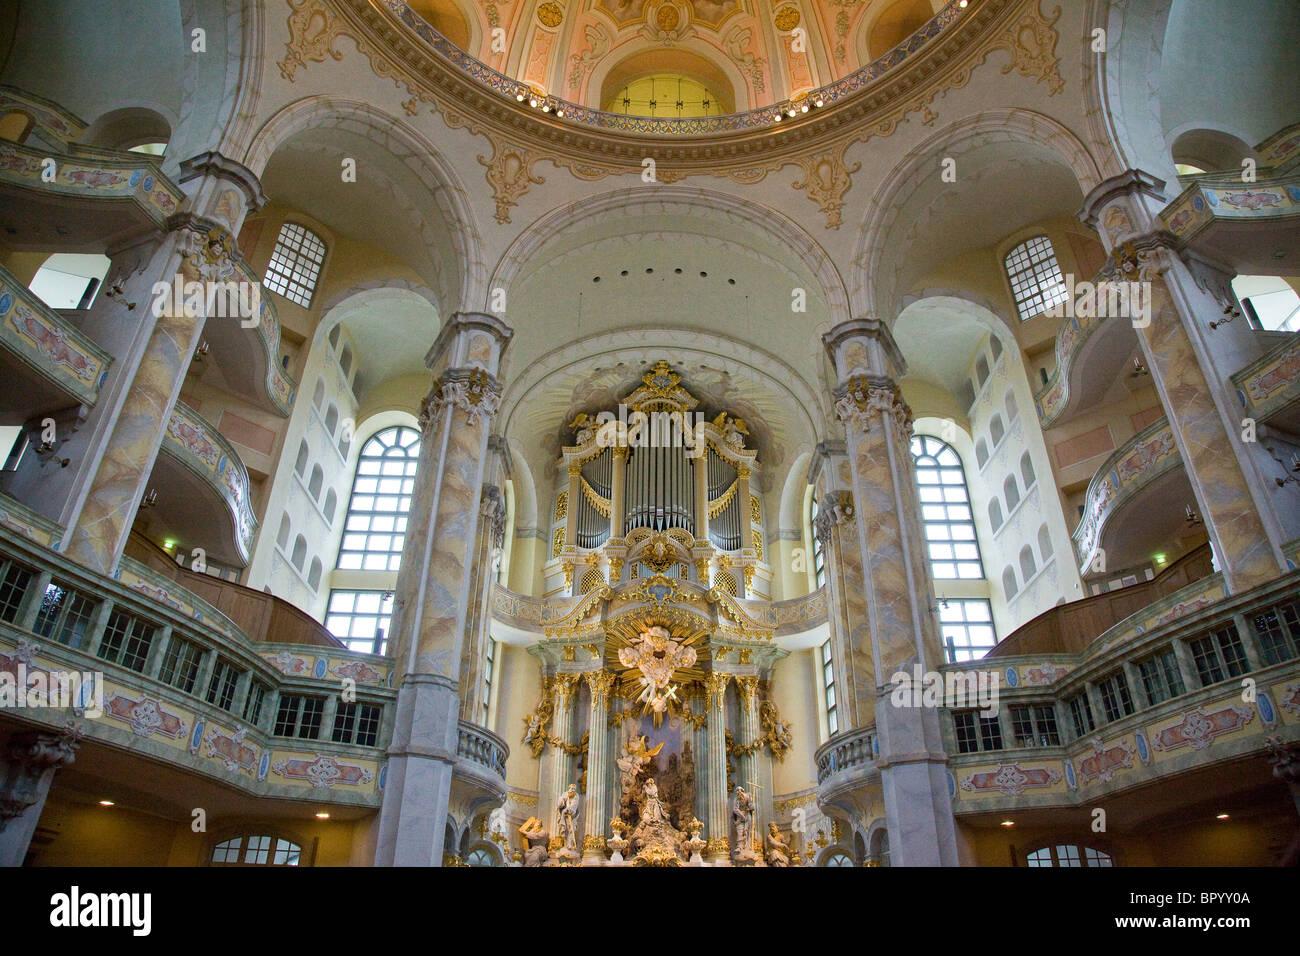 Photographie d'un orgue géant dans une vieille cathédrale de Dresde Allemagne Photo Stock